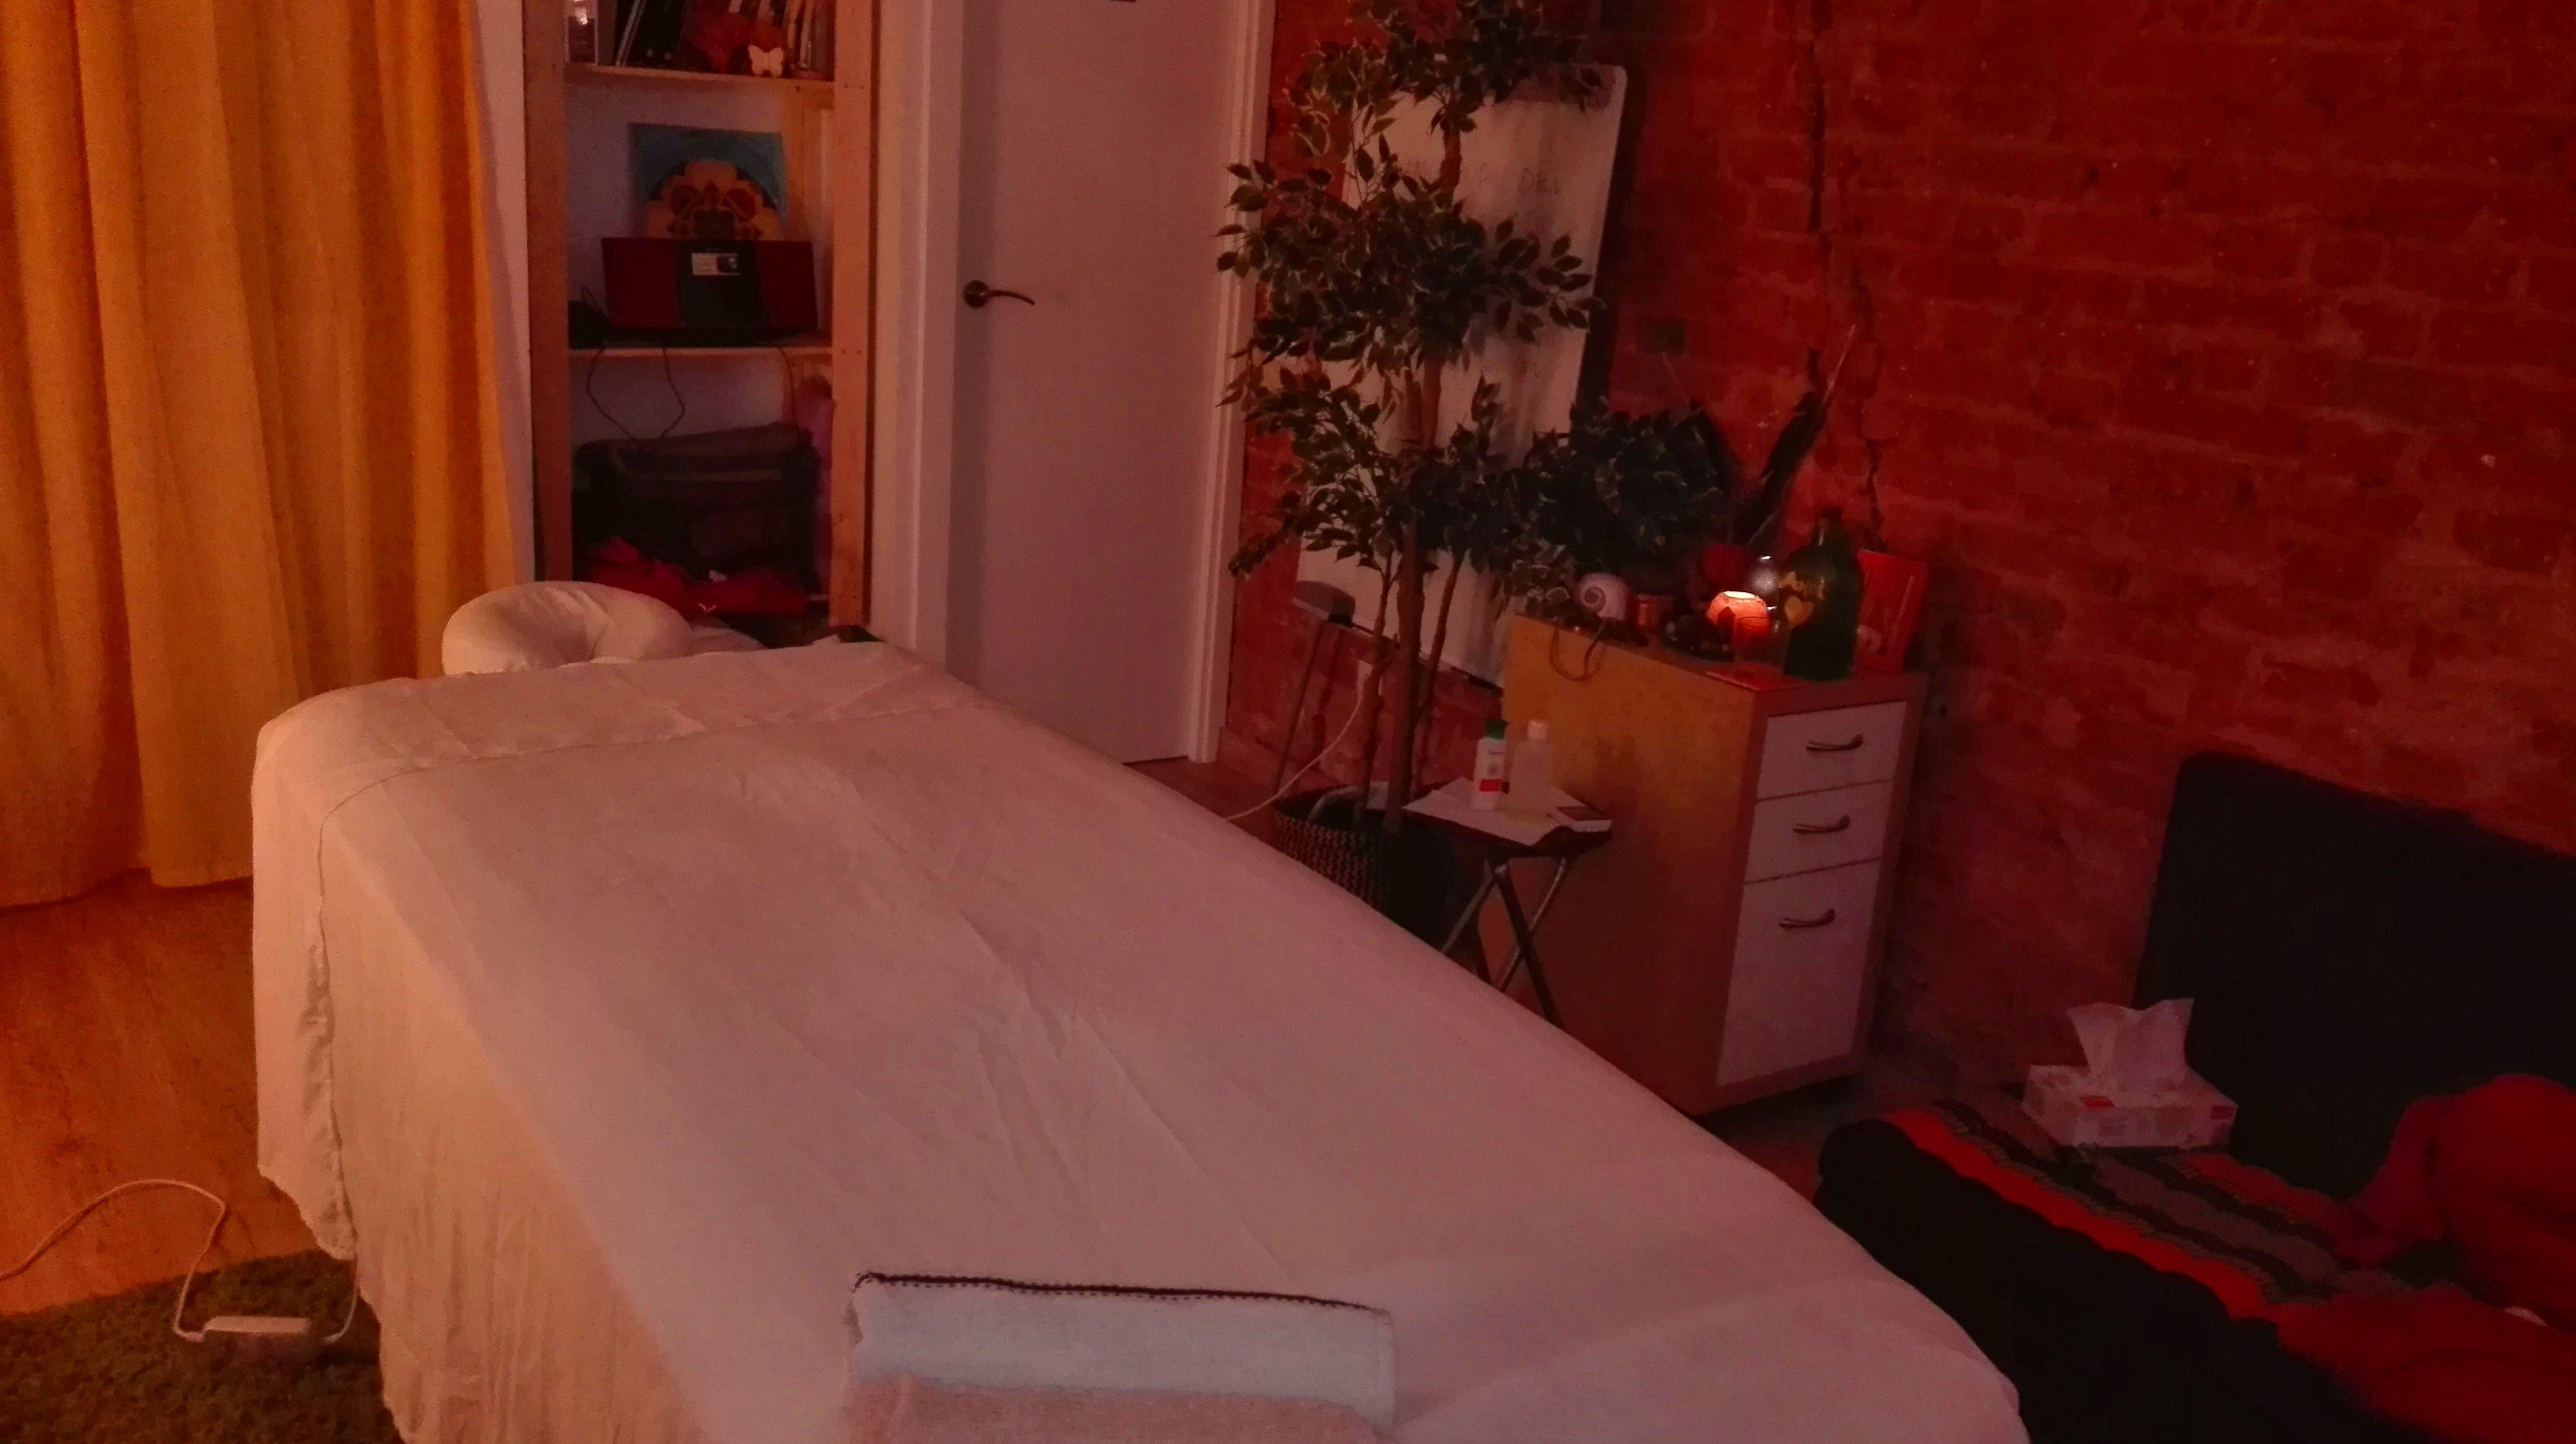 Foto 24 de Terapeuta en Madrid | Terapia Gestalt Integrativa